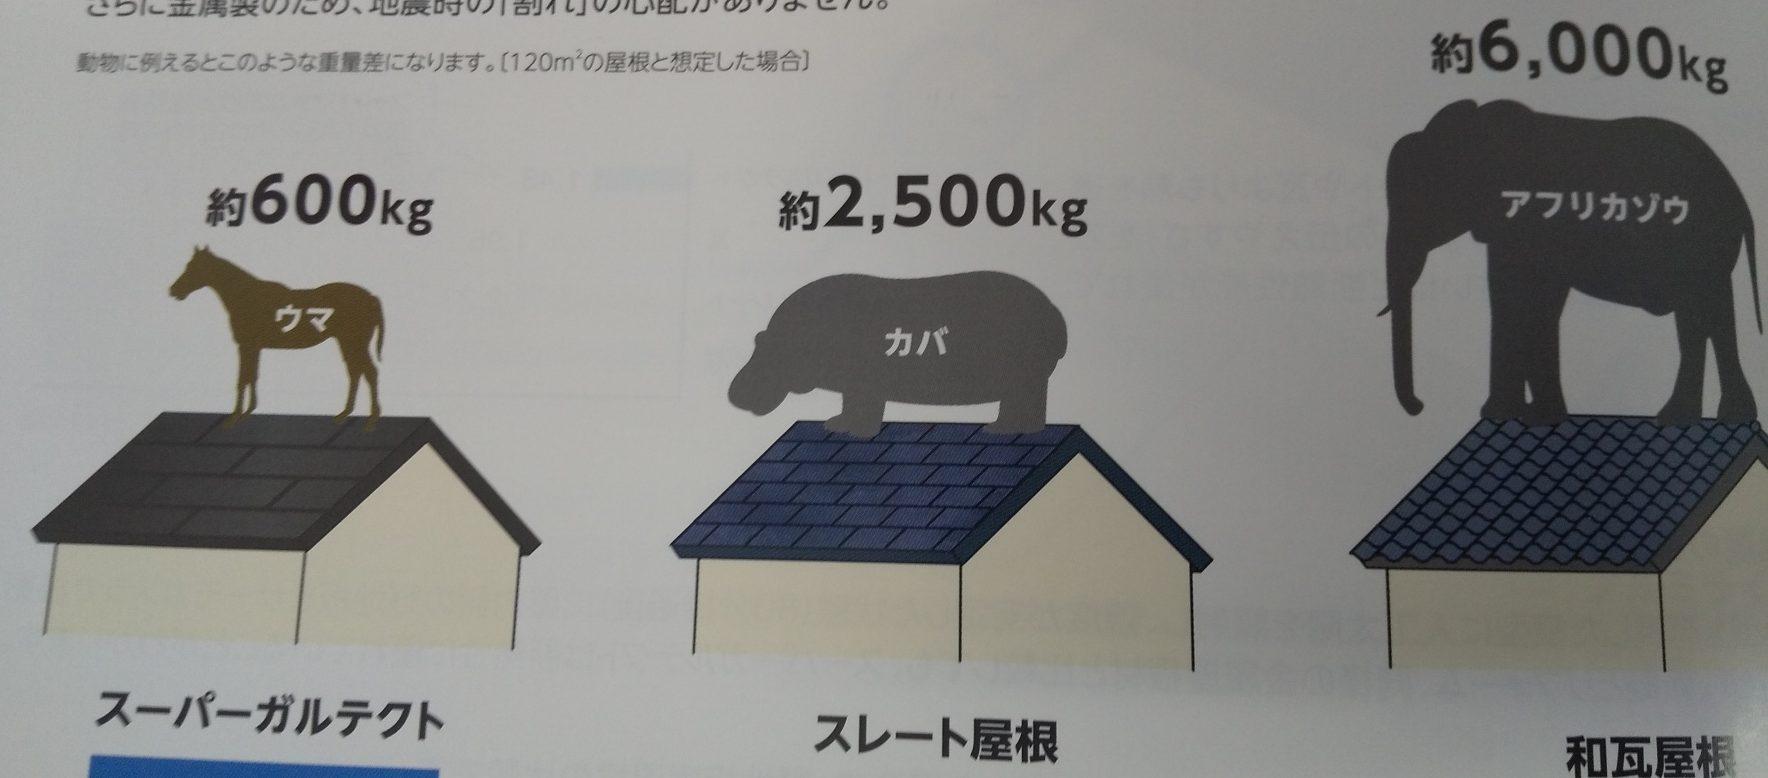 西宮市尼崎市カバー工法に使用する屋根材軽い